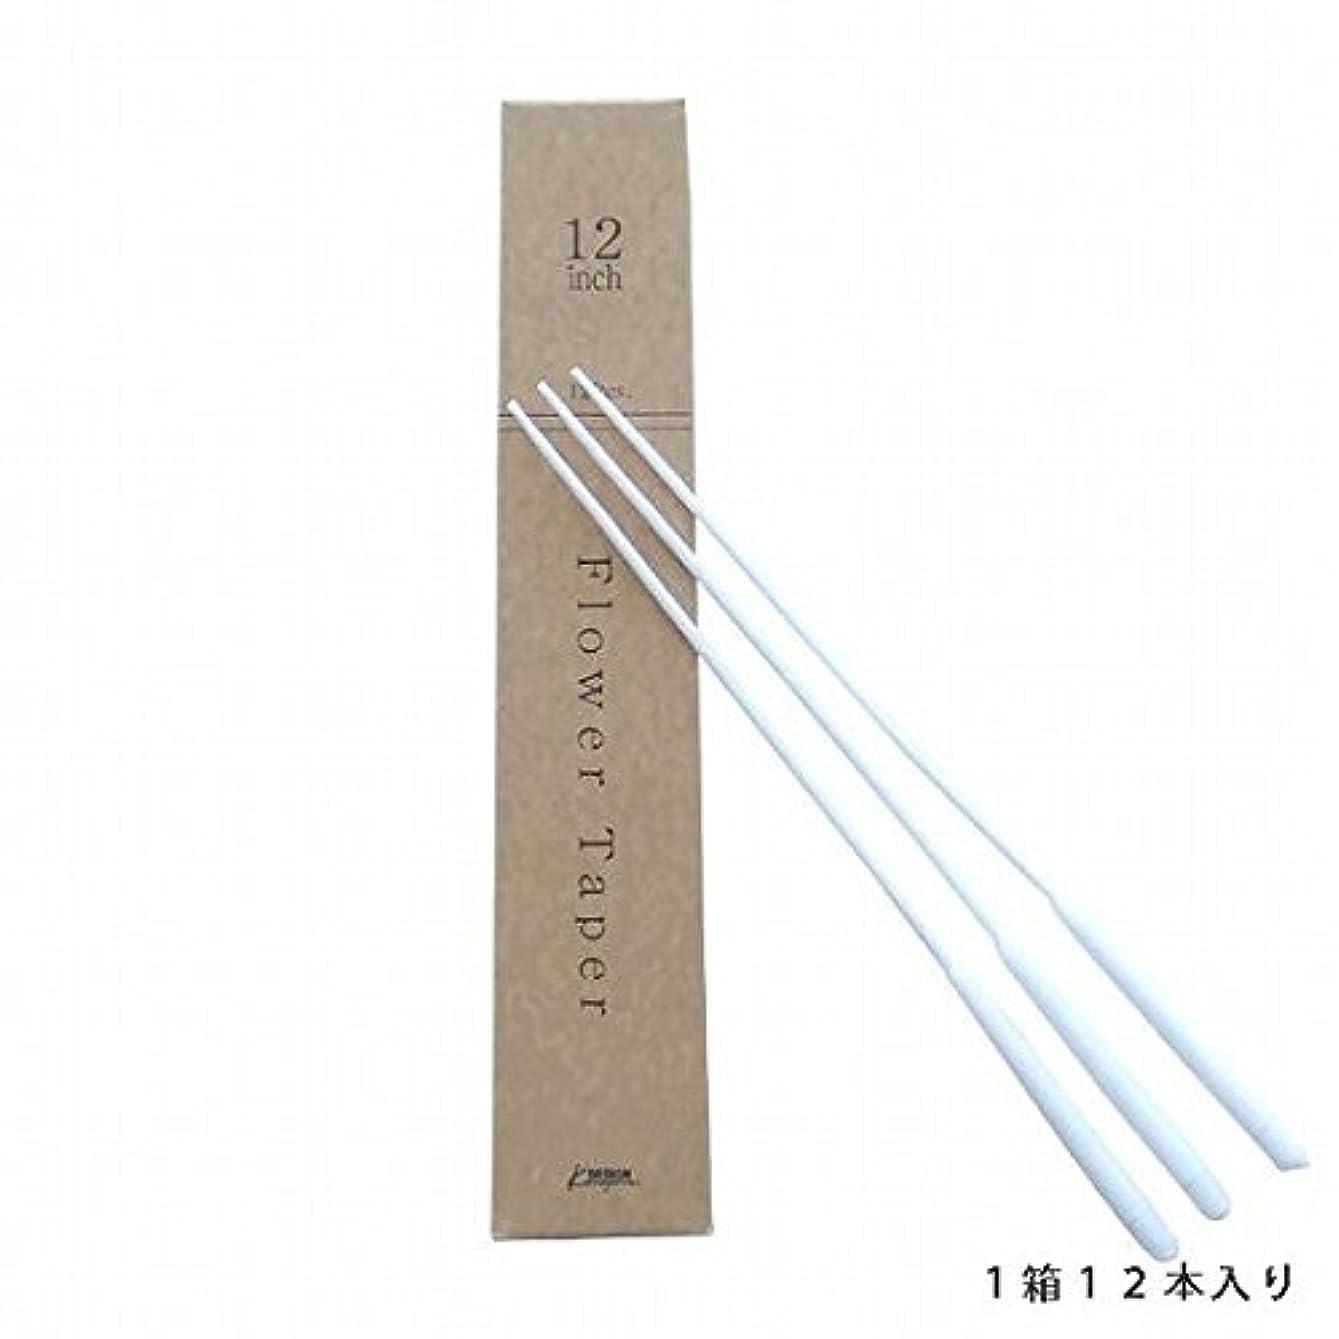 策定する主張するうんkameyama candle(カメヤマキャンドル) 12インチトーチ用フラワーテーパー12本入 「 ホワイト 」(72339900W)